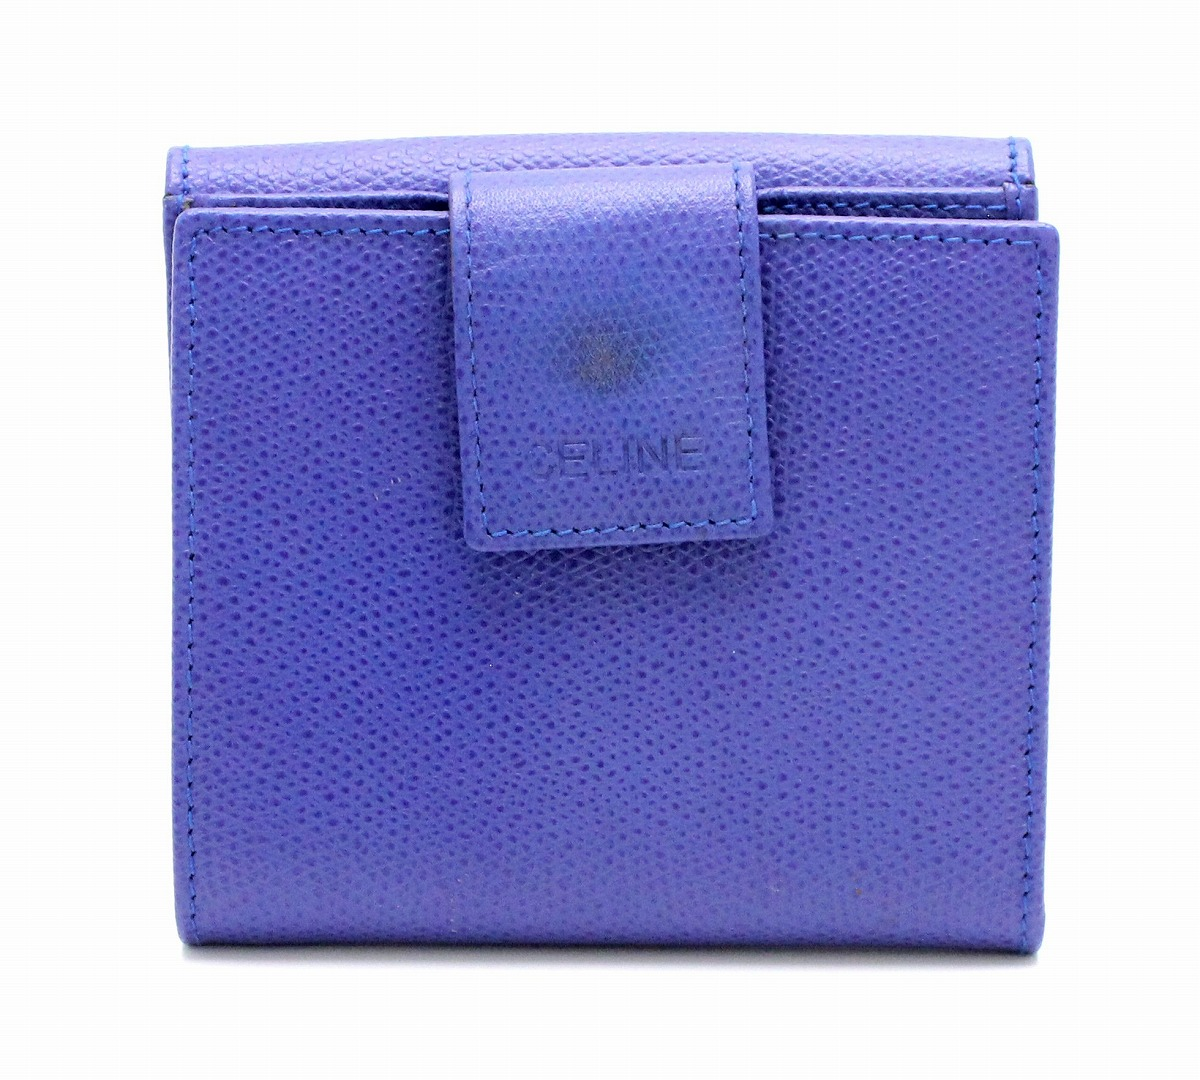 【財布】CELINE セリーヌ Wホック 二つ折り財布 型押しレザー パープルブルー 【中古】【k】